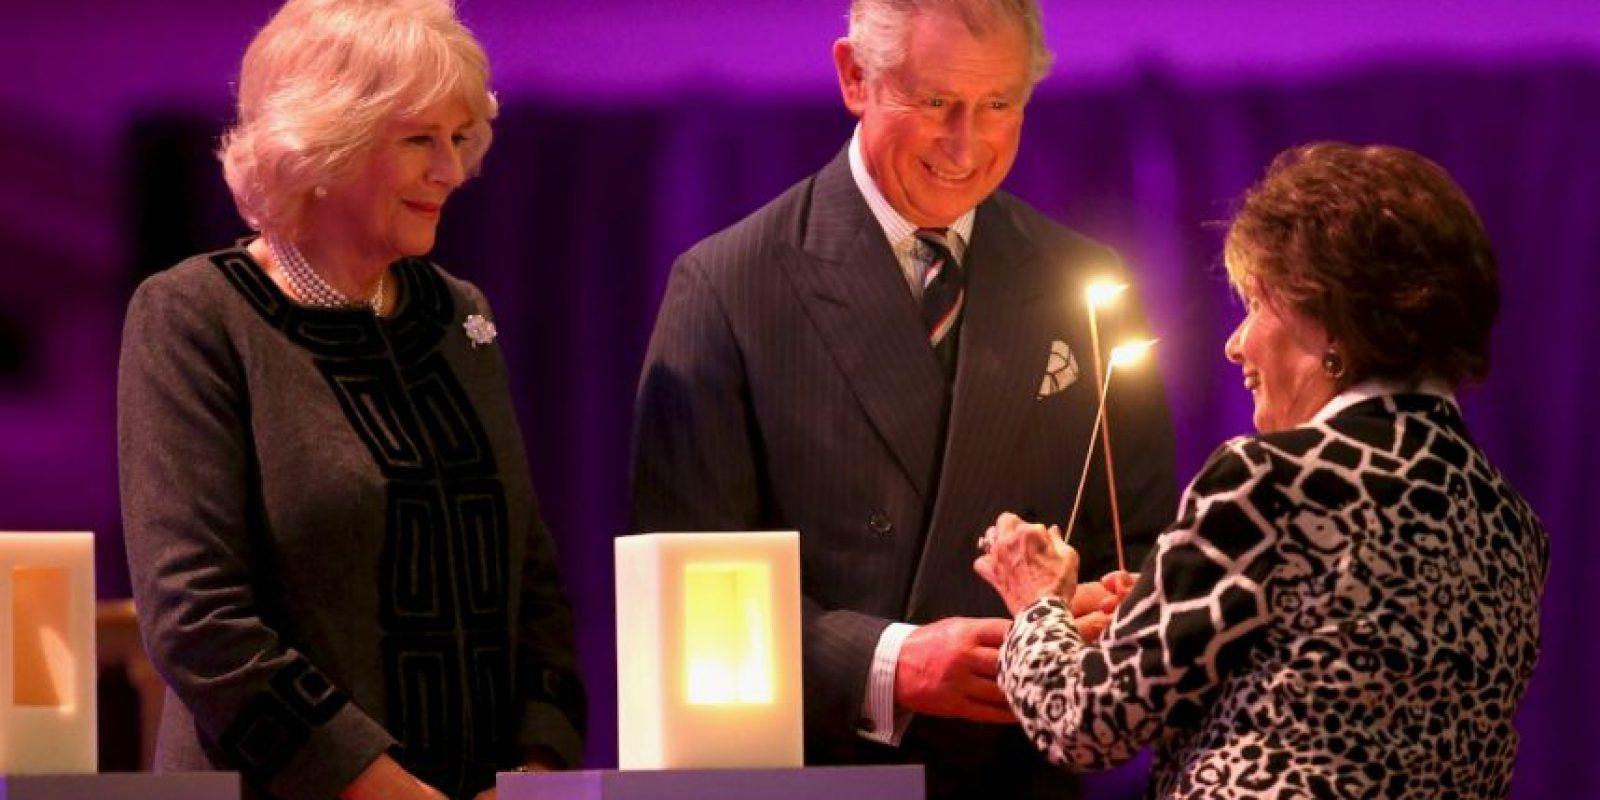 Príncipe Carlos y su esposa Camila , encabezaron la ceremonia en Londres Foto:Getty Images